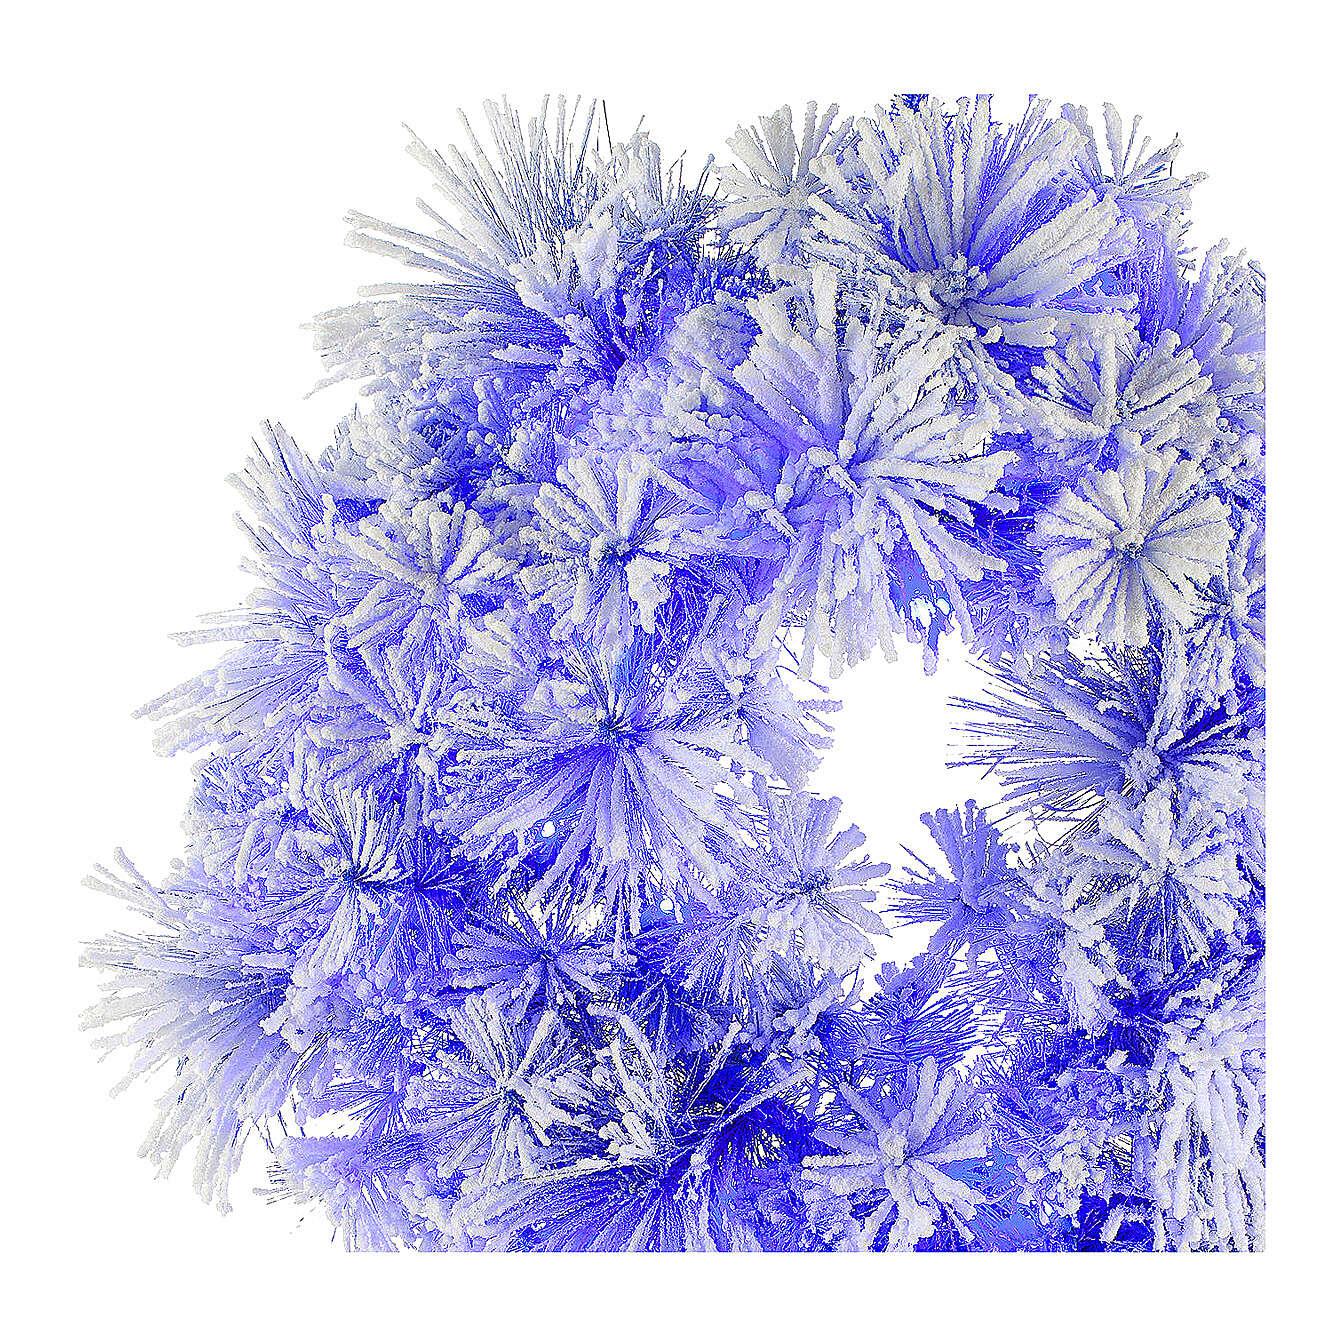 STOCK Korona Bożonarodzeniowa niebieska sosna ośnieżona, średnica 80 cm z 50 światełkami led 3